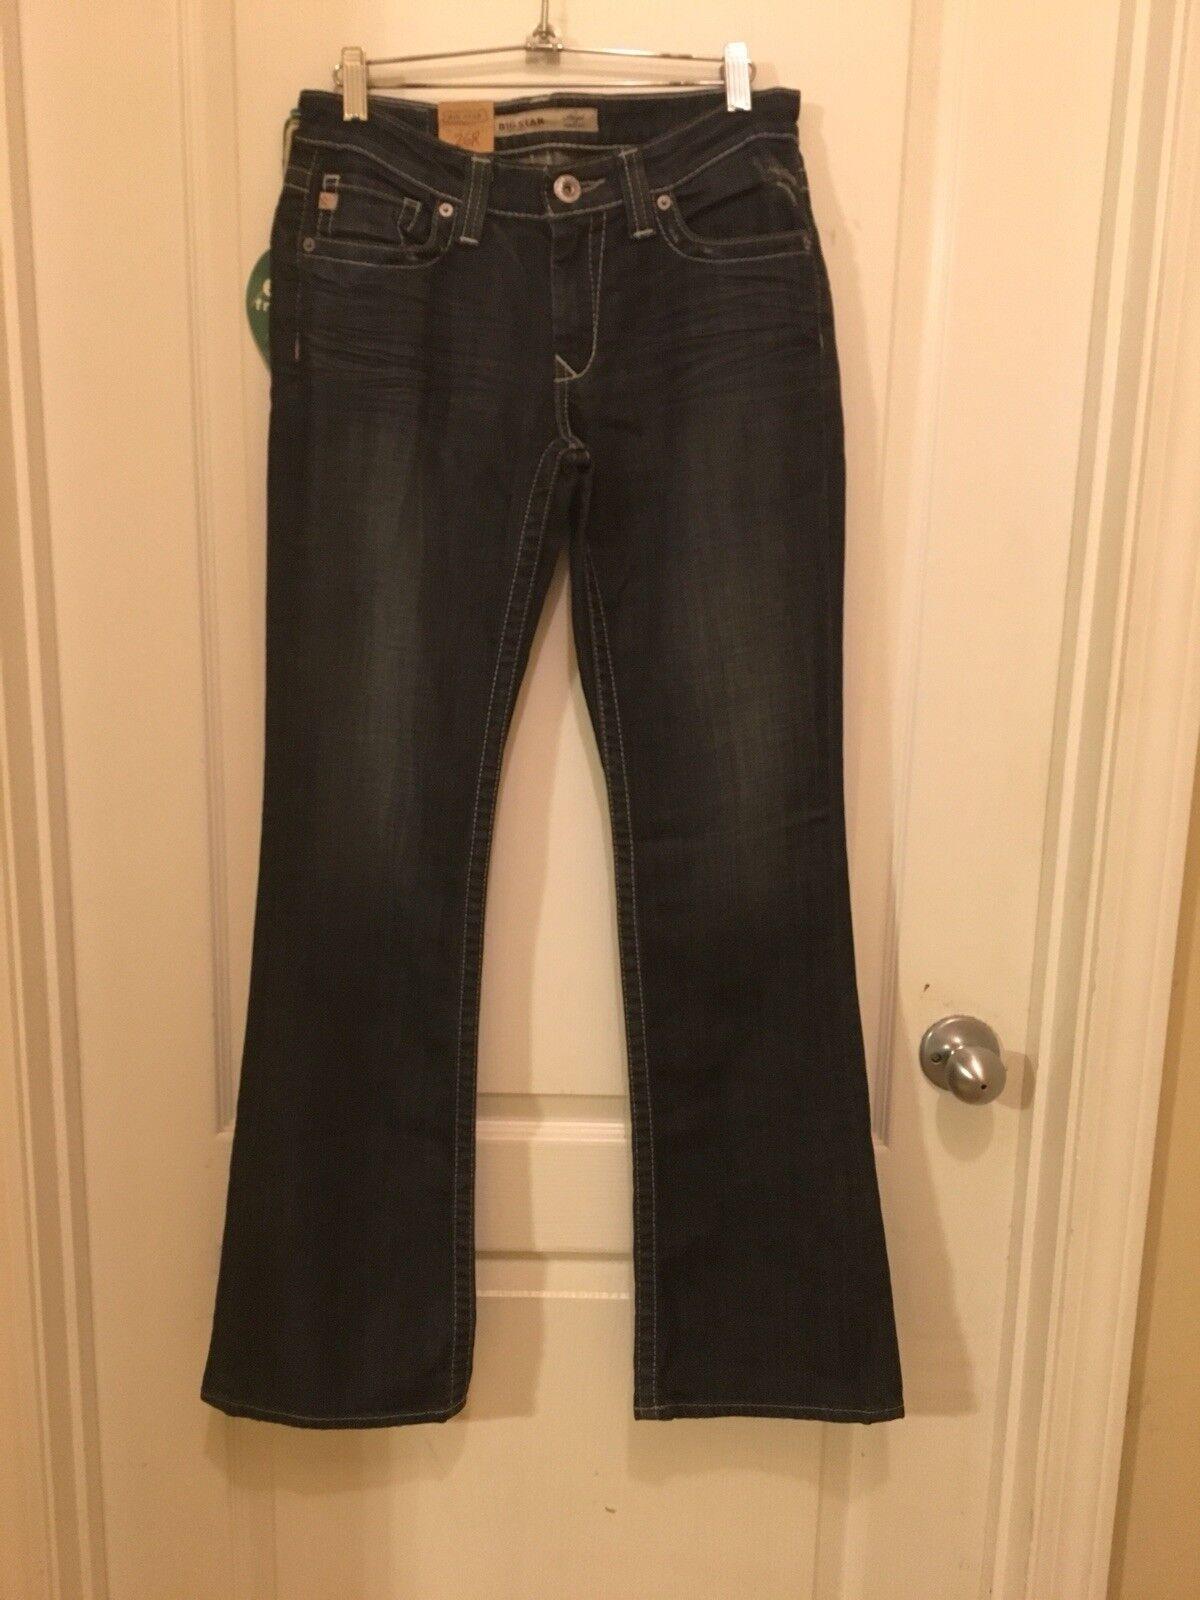 d9f67d493e NWT Big star 26R Distressed Hazel Curvy Fit Boot Cut Jeans nwujwx2325-Jeans